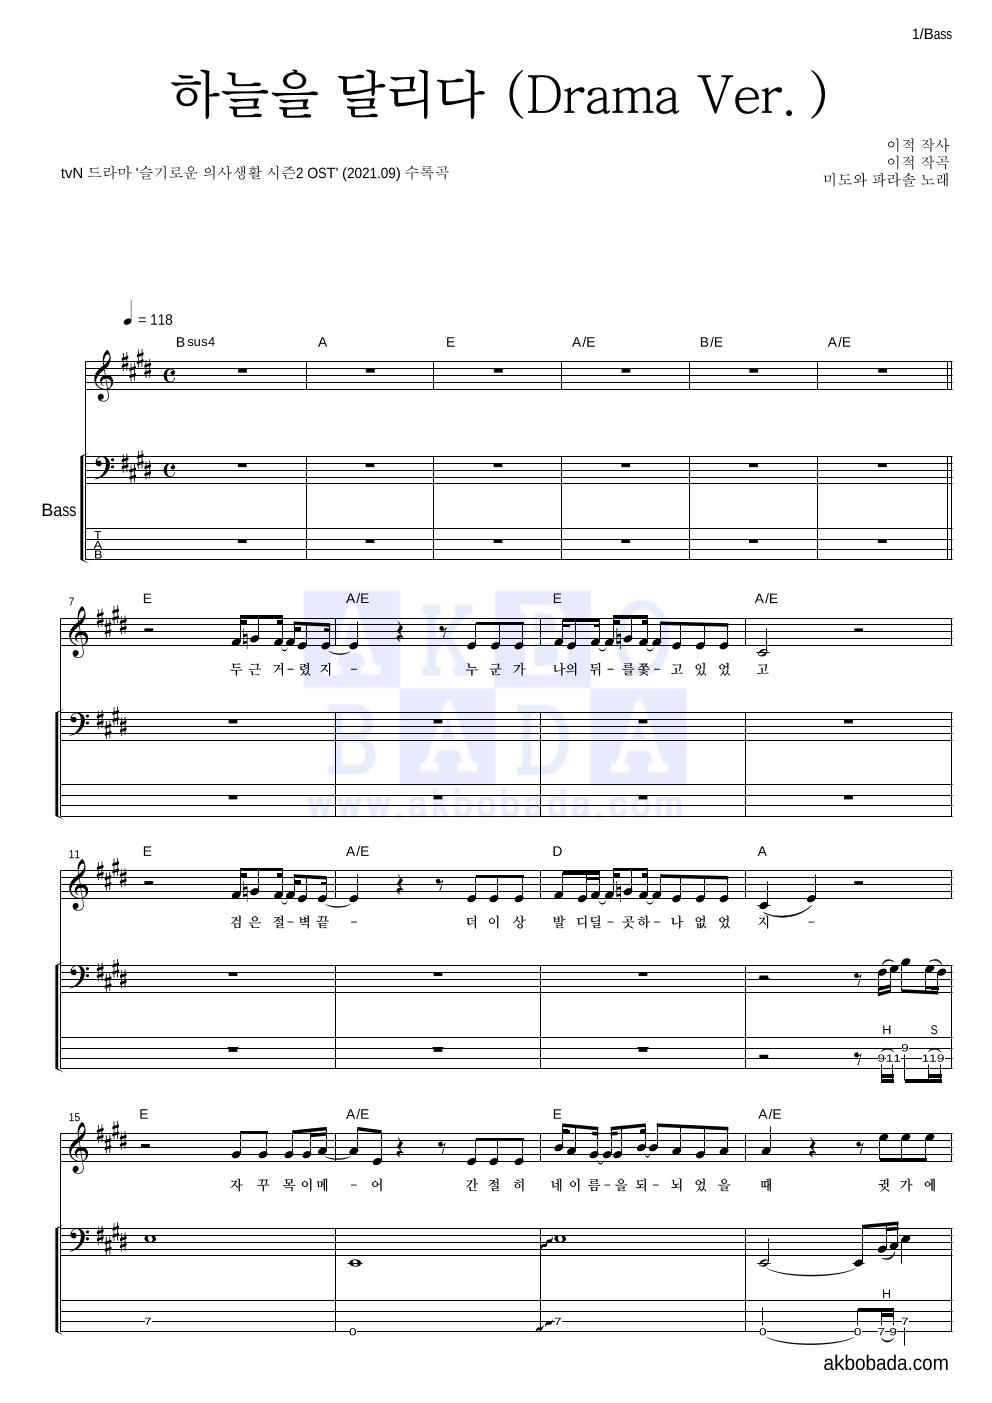 미도와 파라솔 - 하늘을 달리다 (Drama Ver.) 베이스 악보